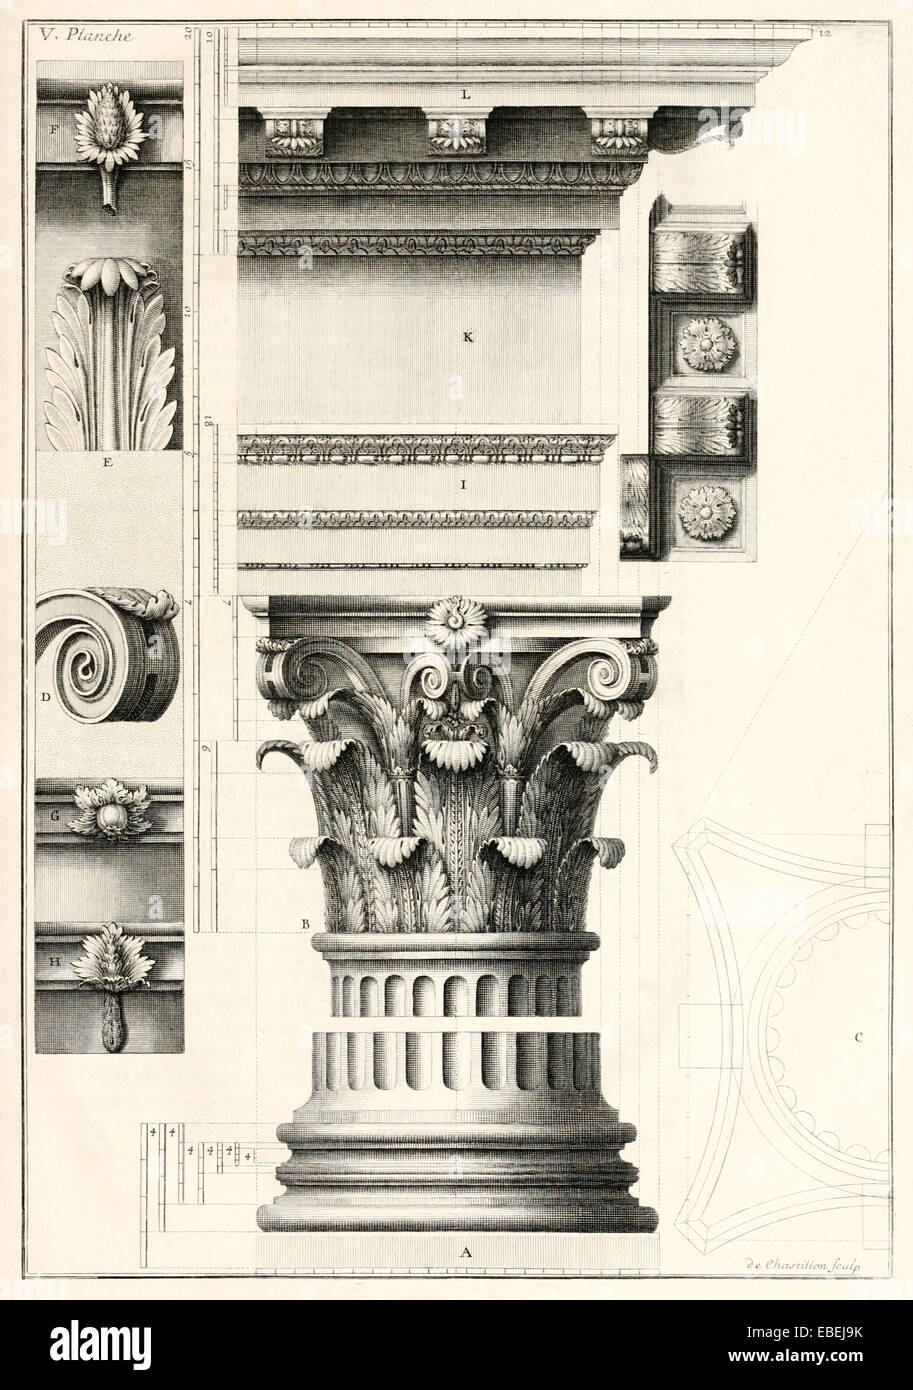 Columna de orden corintio por Claude Perrault, arquitecto renacentista francés ilustración. Consulte la Imagen De Stock